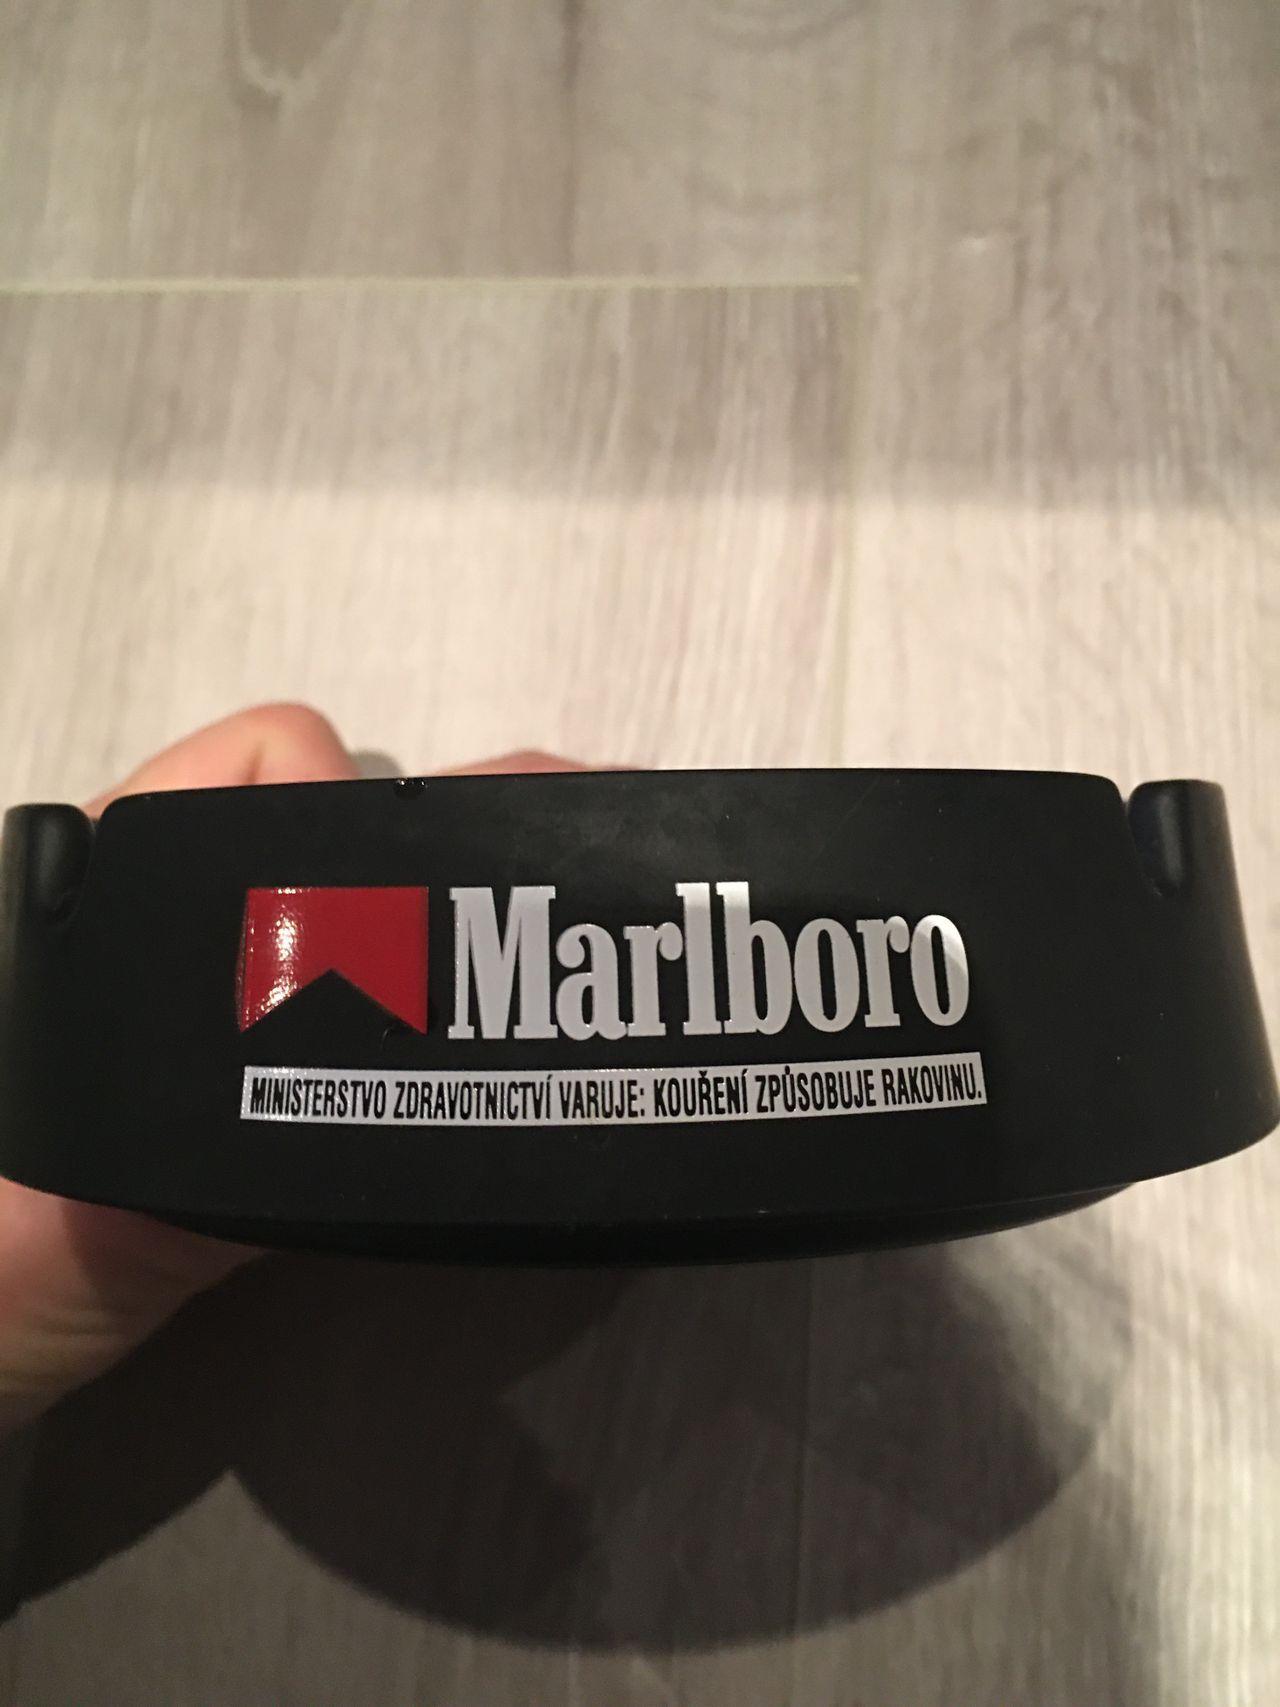 Marlboro Kjøpe, selge og utveksle annonser gode tilbud og